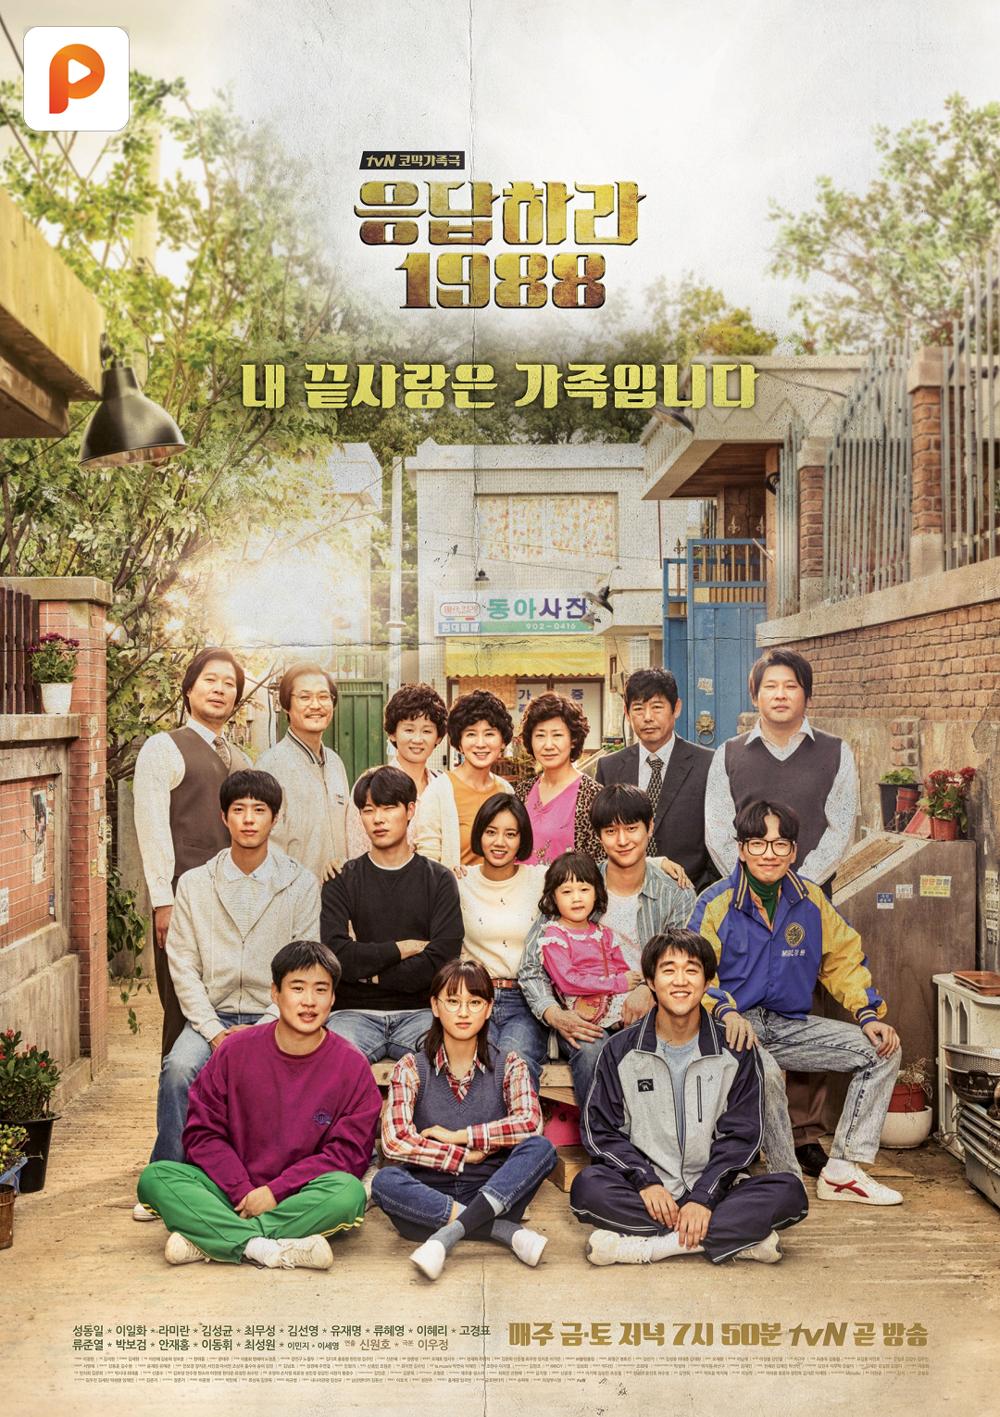 6 phim Hàn có rating kỷ lục bạn không nên bỏ lỡ 4